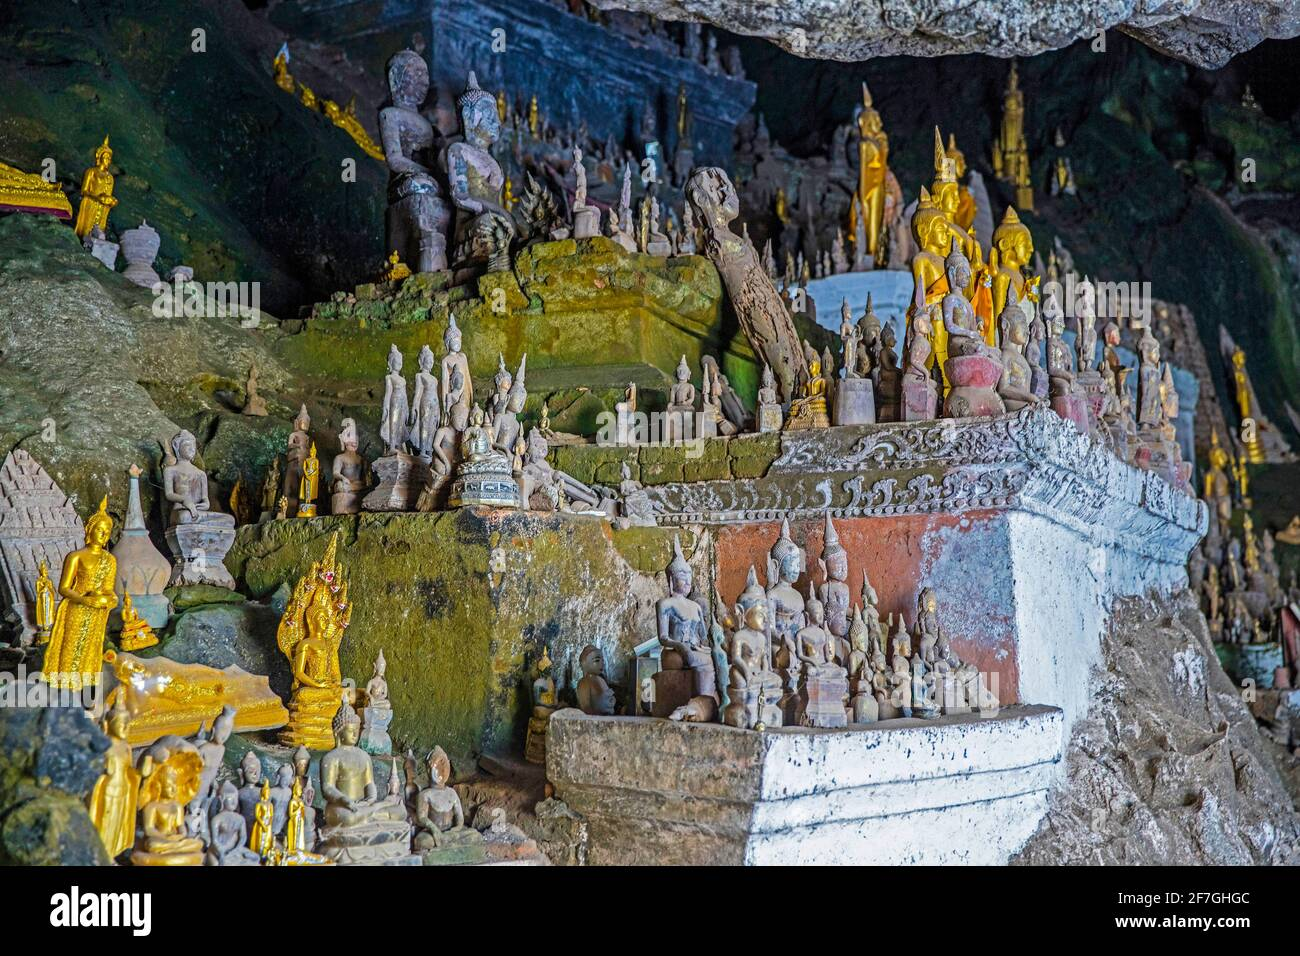 Estatuas de Buda dentro de la cueva inferior / Tam Ting en Pak ou Cuevas a lo largo del río Mekong cerca de Luang Phabang / Luang Prabang, Laos Foto de stock